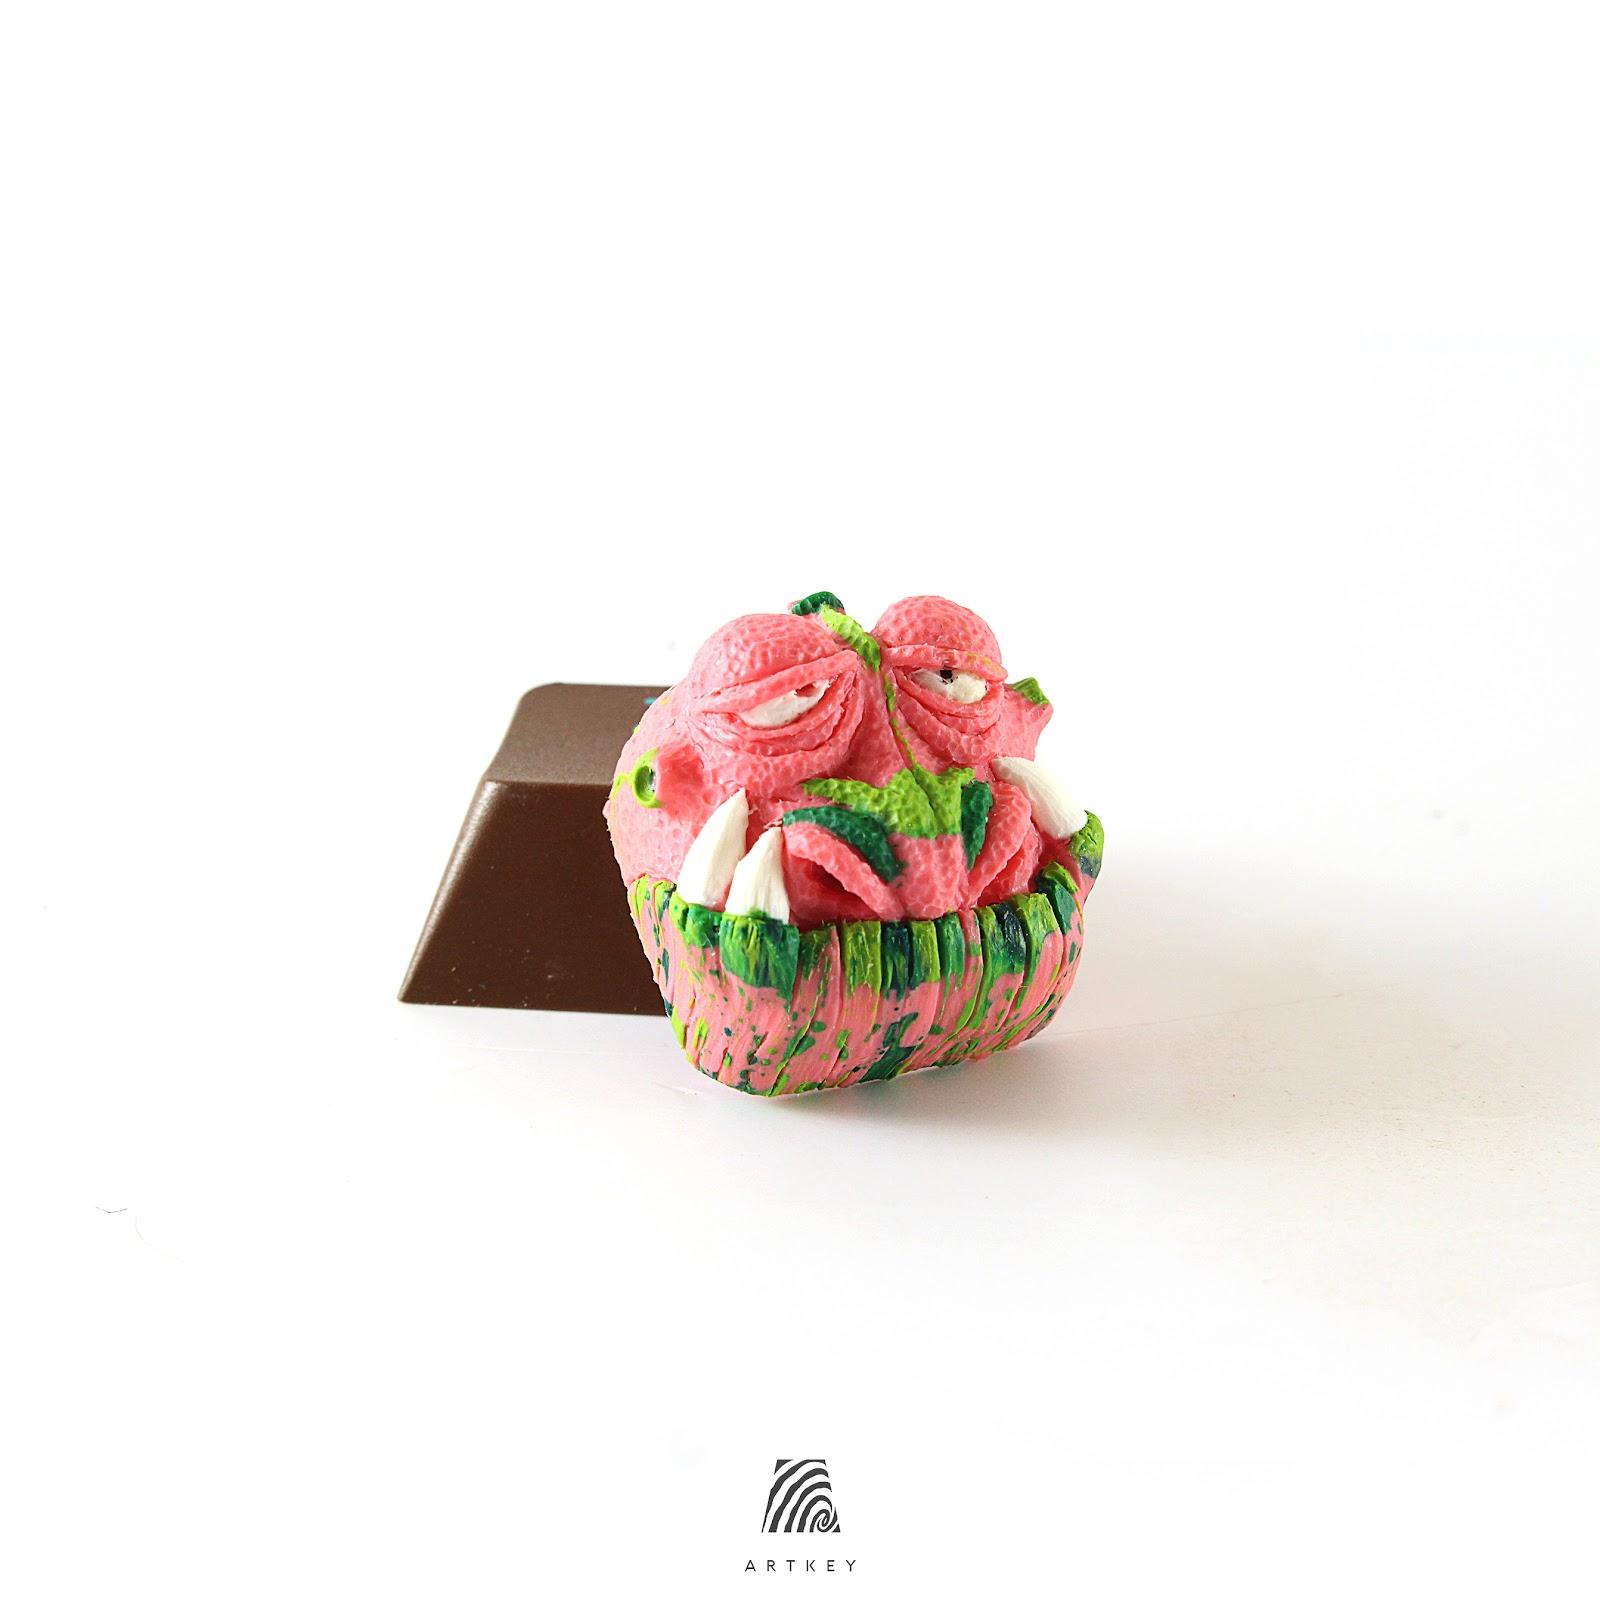 Artkey - Watermelon Euphik